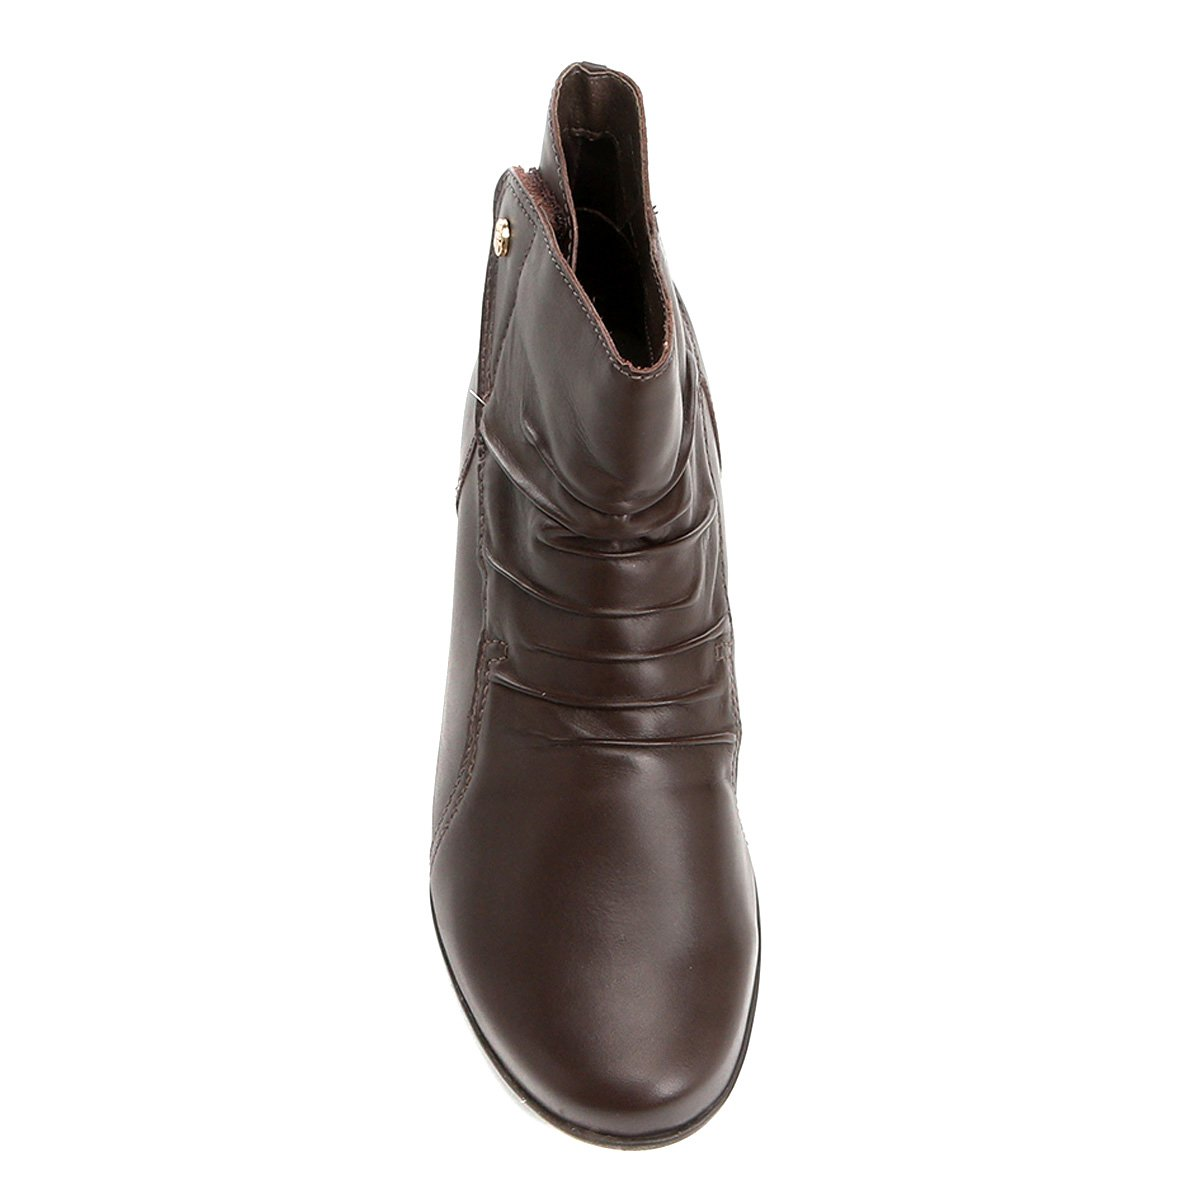 Bota Couro Cano Curto Bottero Drapeada Velcro Feminina - Compre ... 04e88ec87ca1d